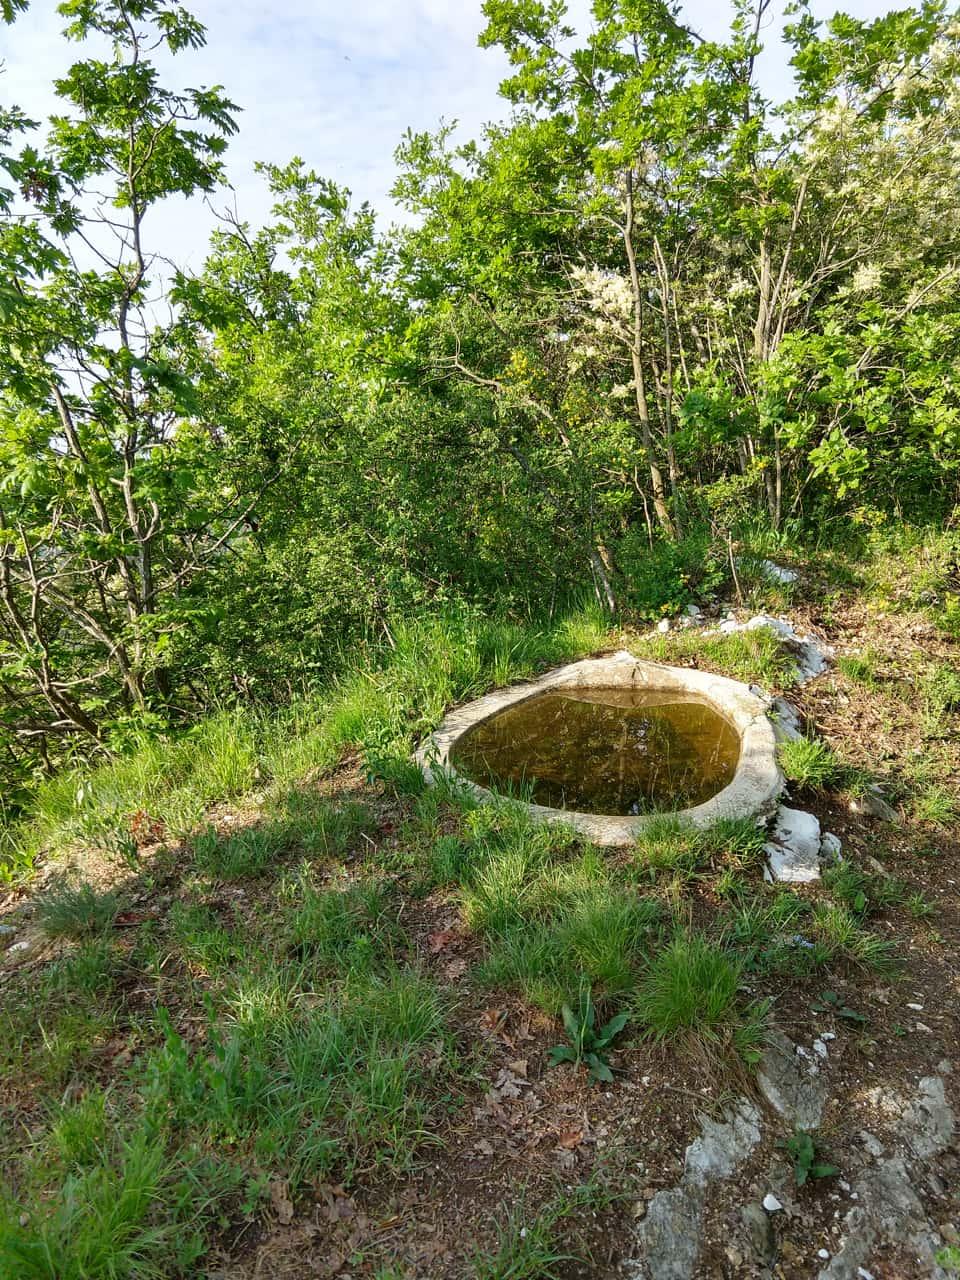 A fianco del sentiero compare questo vecchio e caratteristico abbeveratoio di pietra